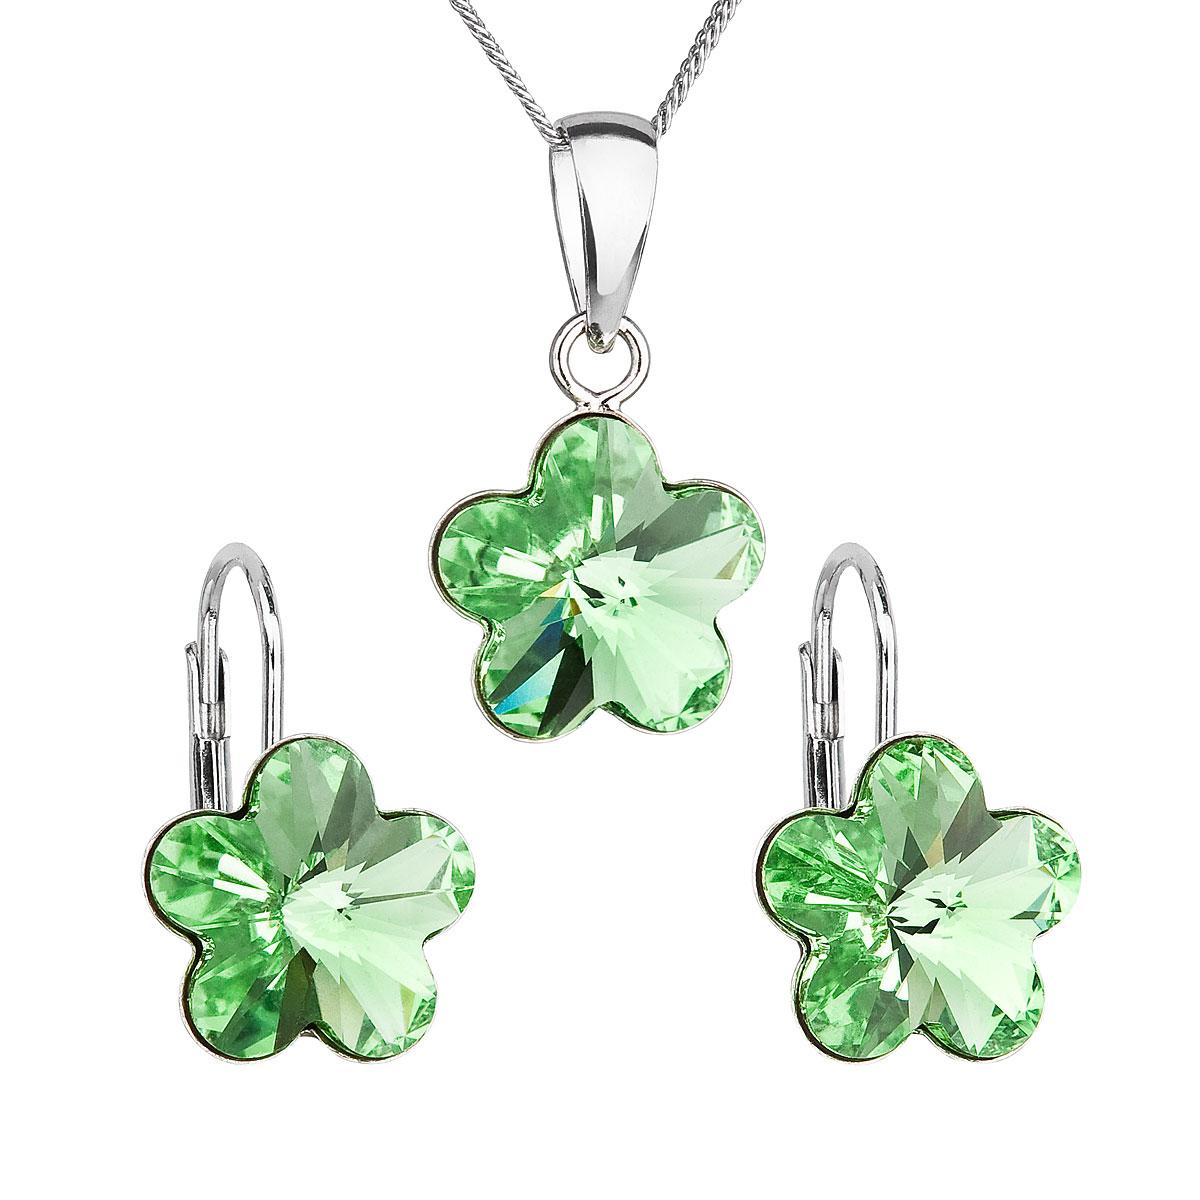 Evolution Group Sada šperků s krystaly Swarovski náušnice, řetízek a přívěsek zelená kytička 39143.3